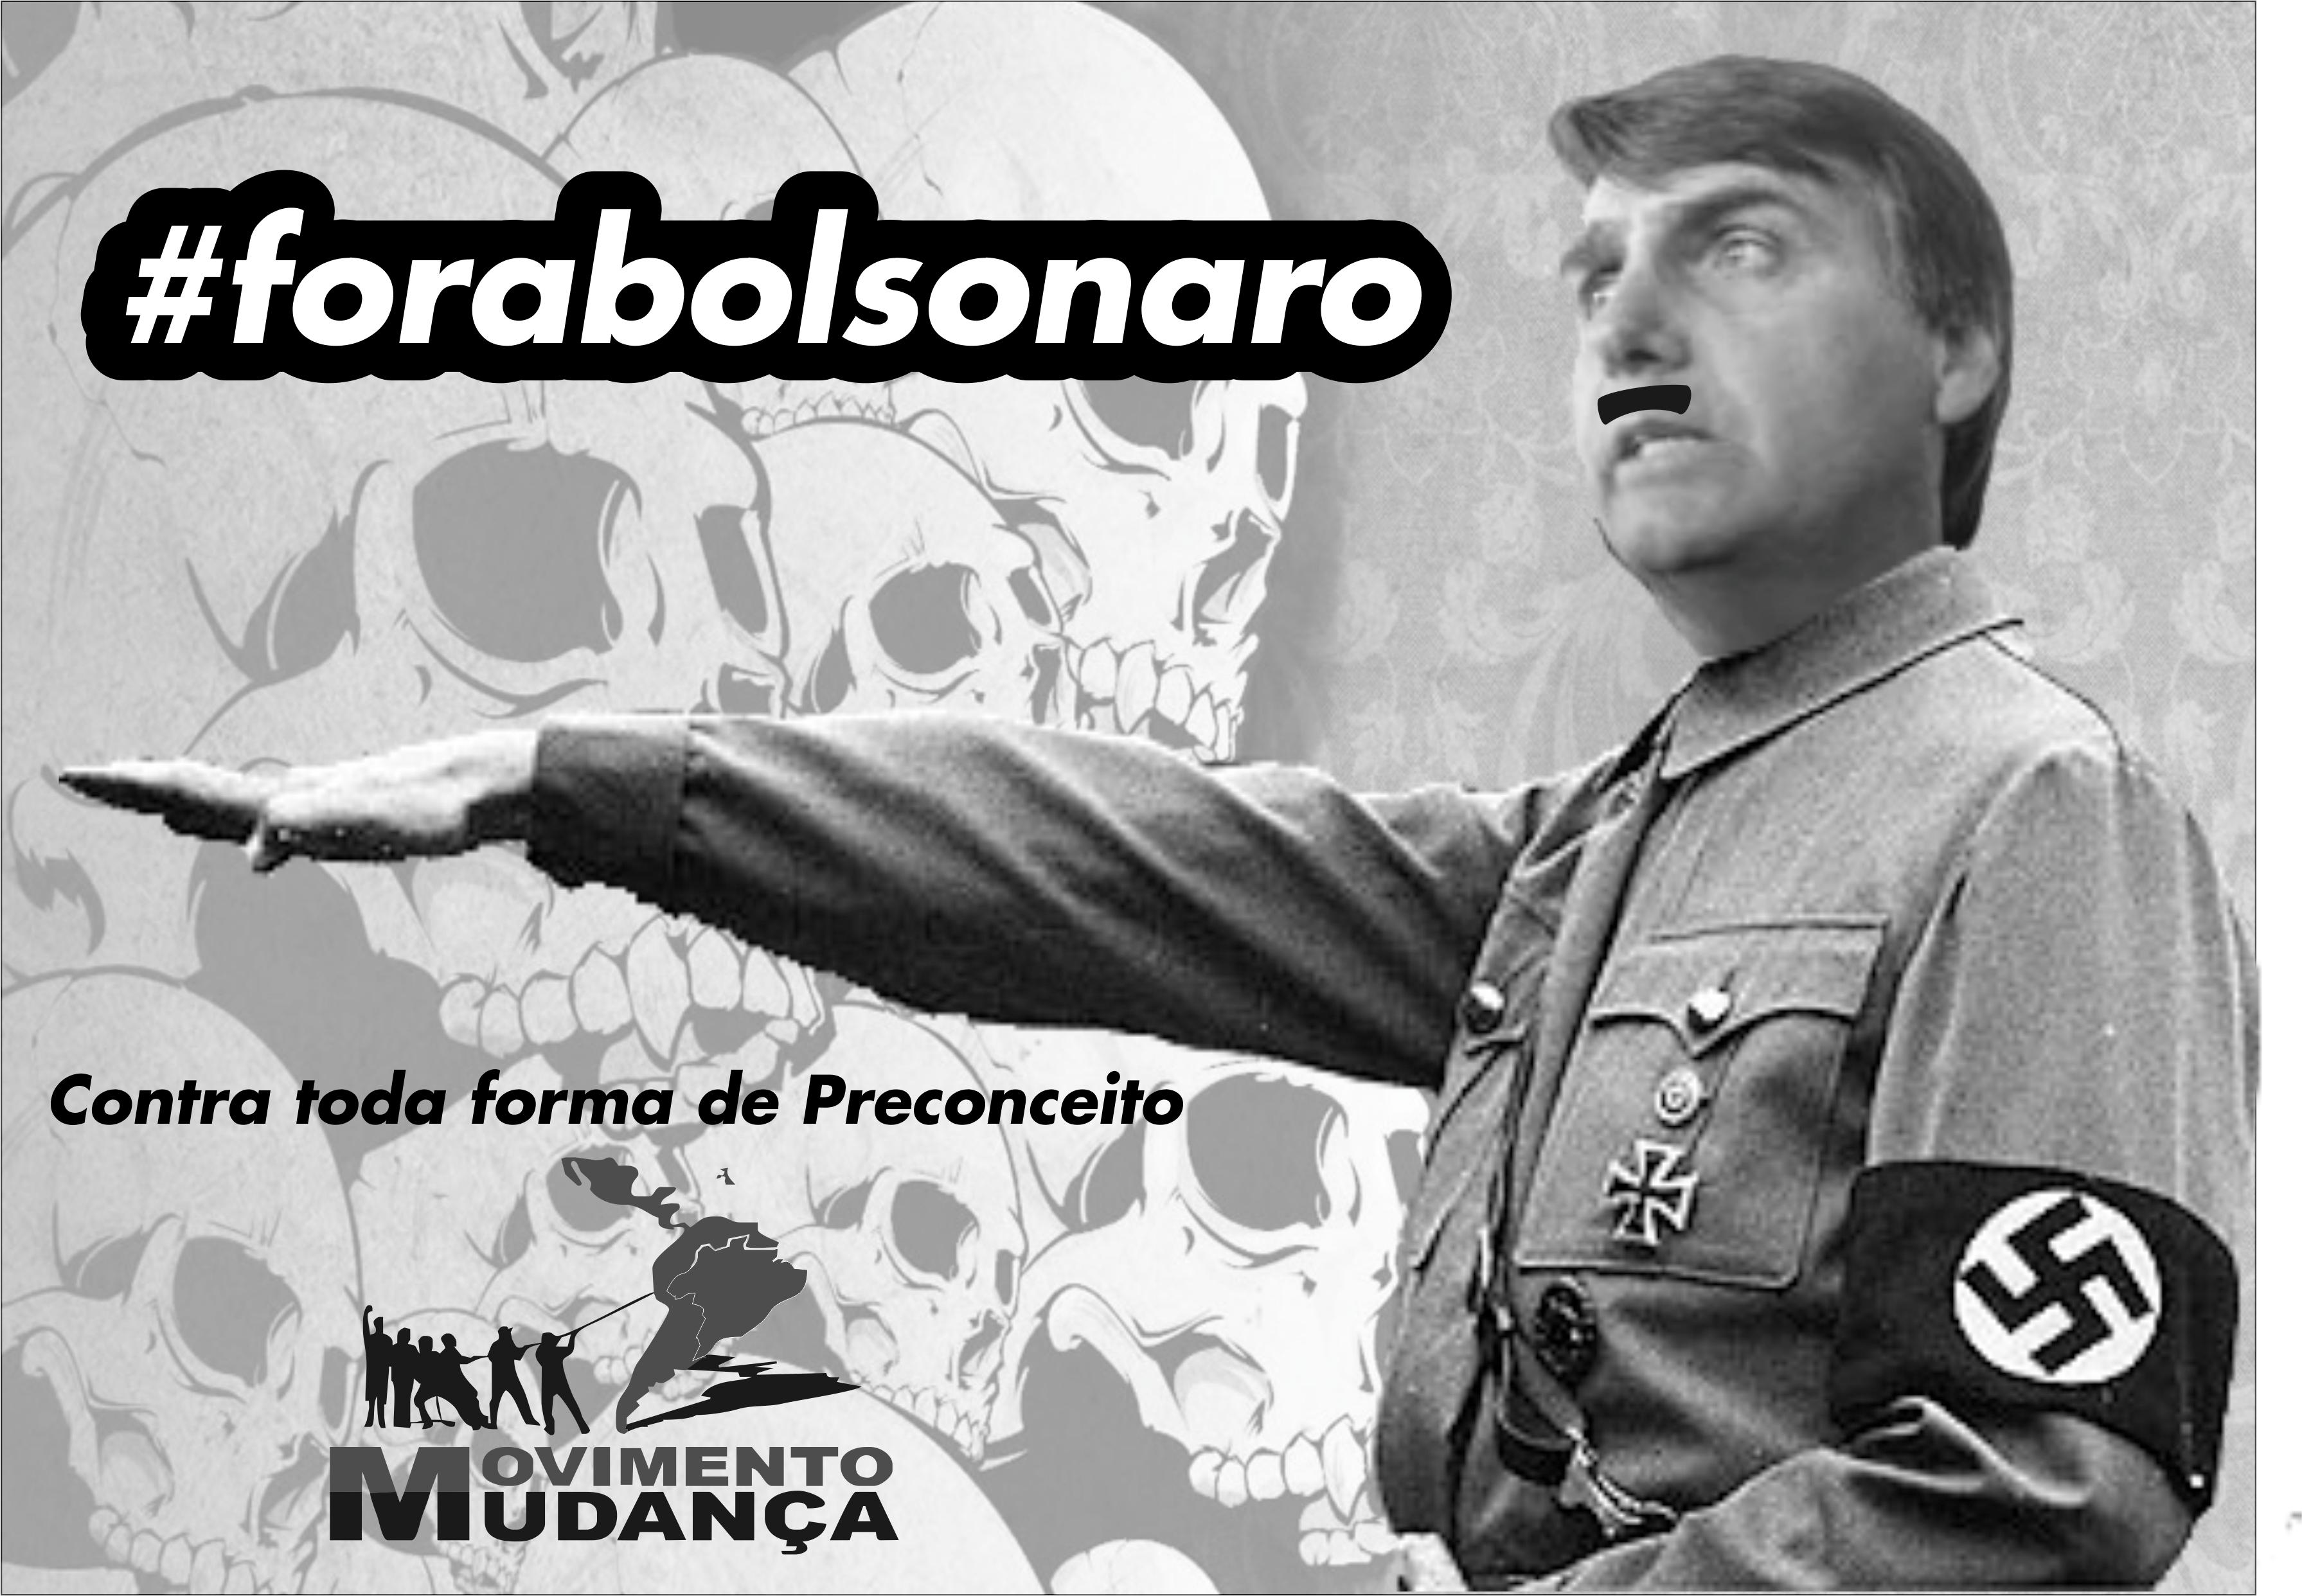 forabolsonaro